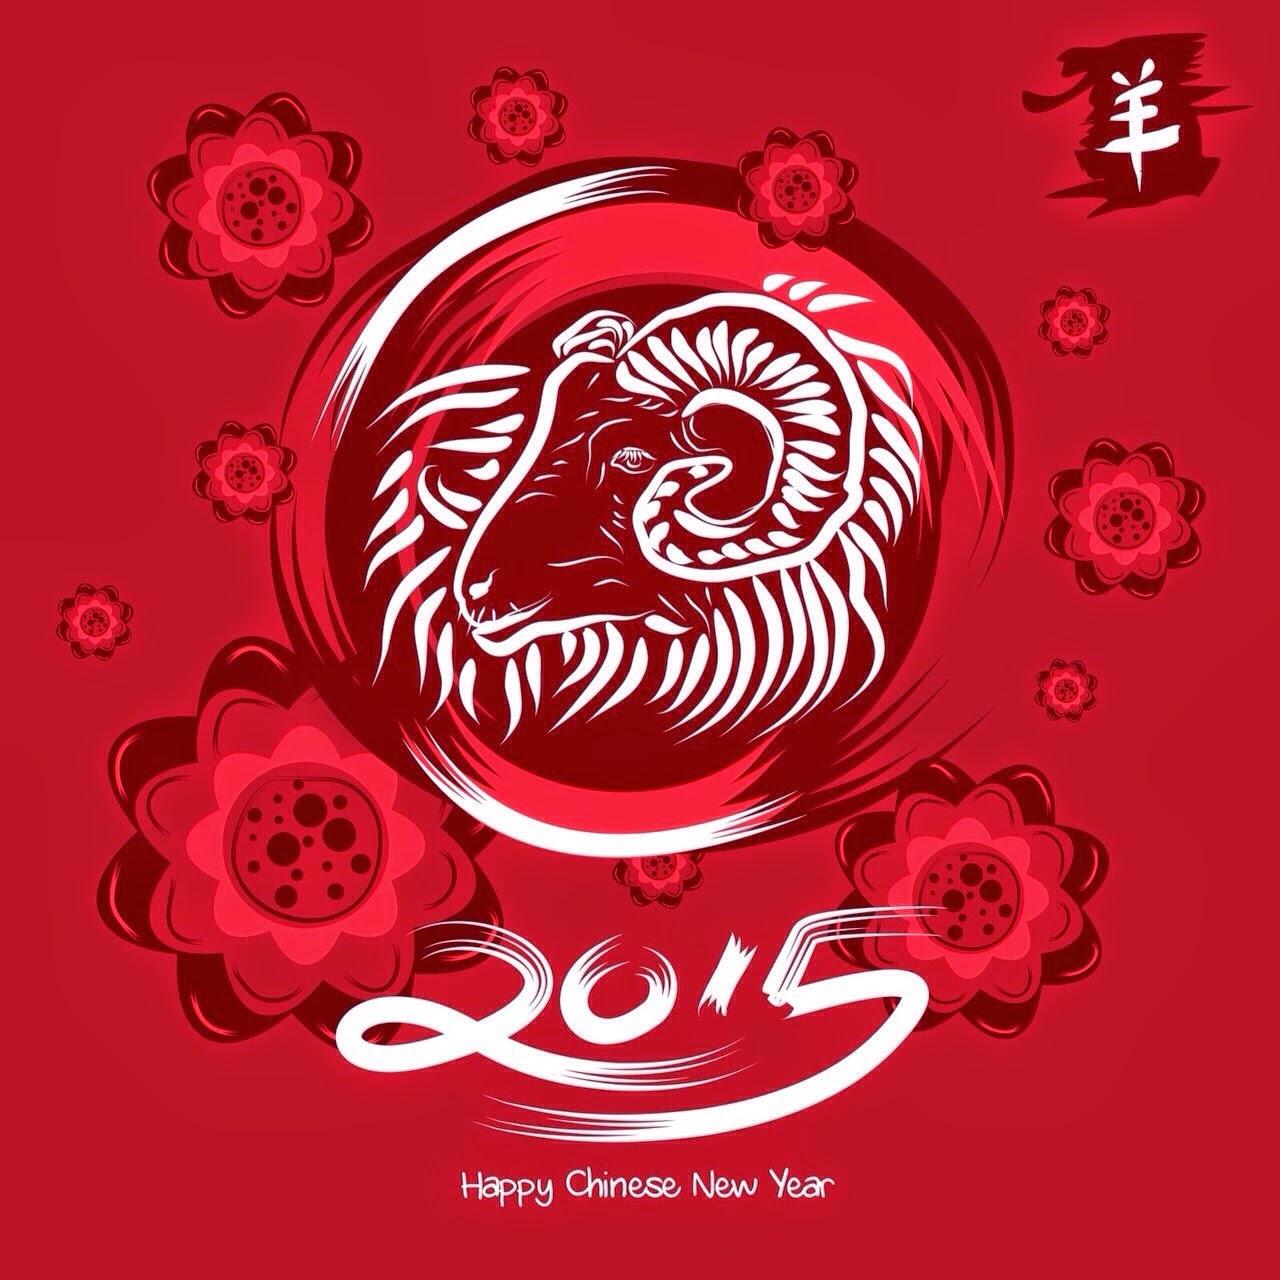 Happy chinese new year 2015 blog klik 1001 happy chinese new year 2015 m4hsunfo